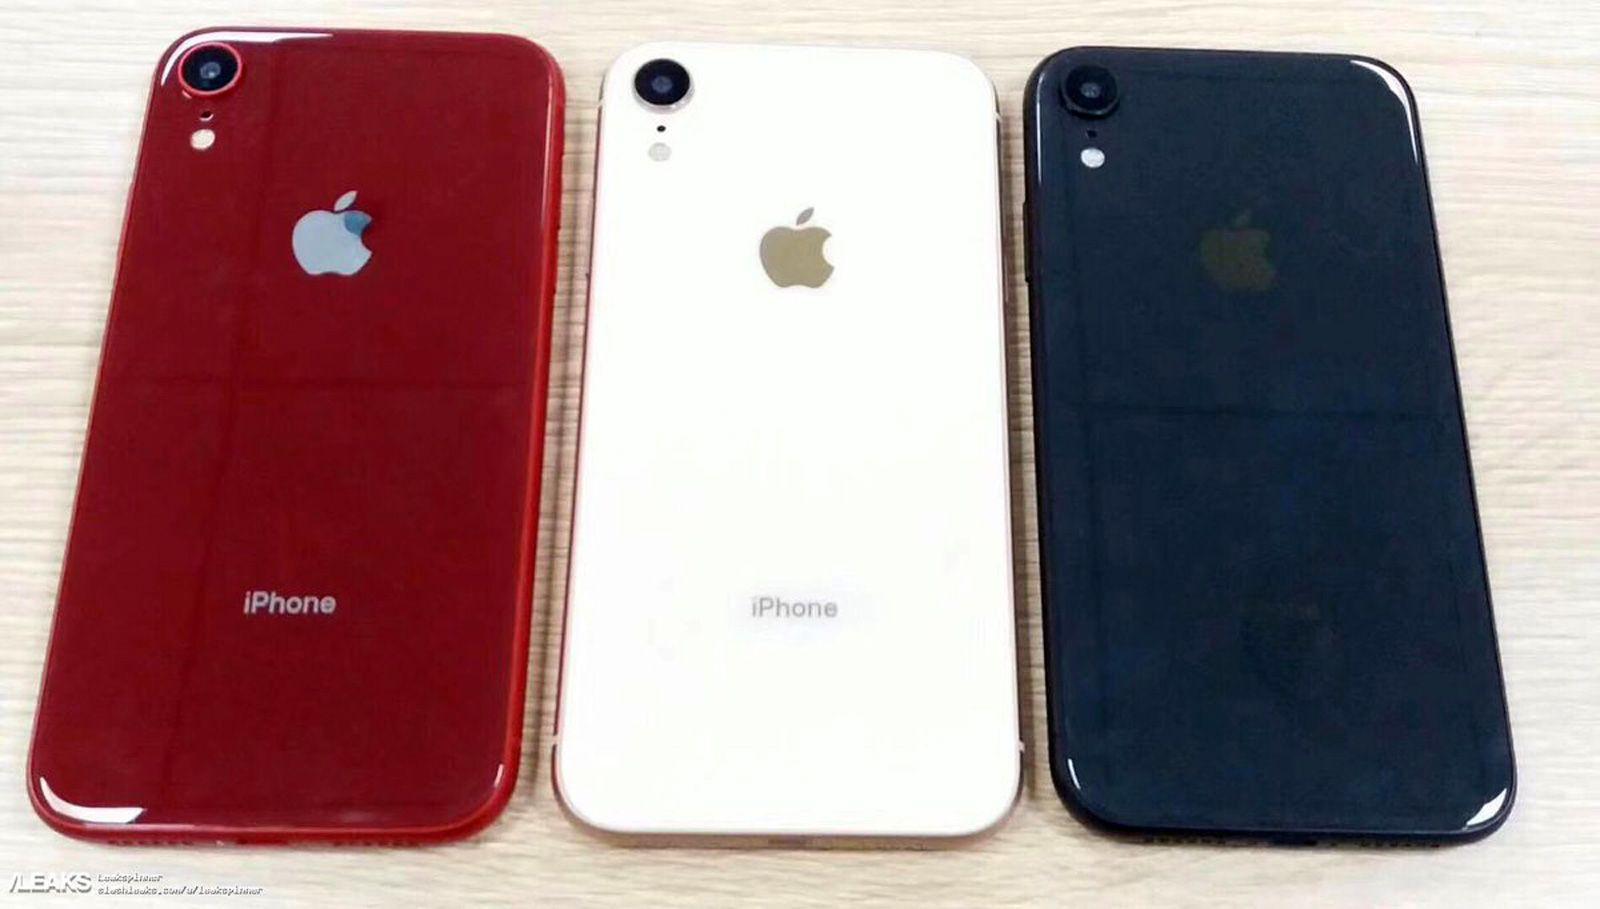 Dette skal angivelig være iPhone XC, i tre forskjellige farger. Den røde er en såkalt RED-modell, som Apple vanligvis venter 6 måneder med å lansere.